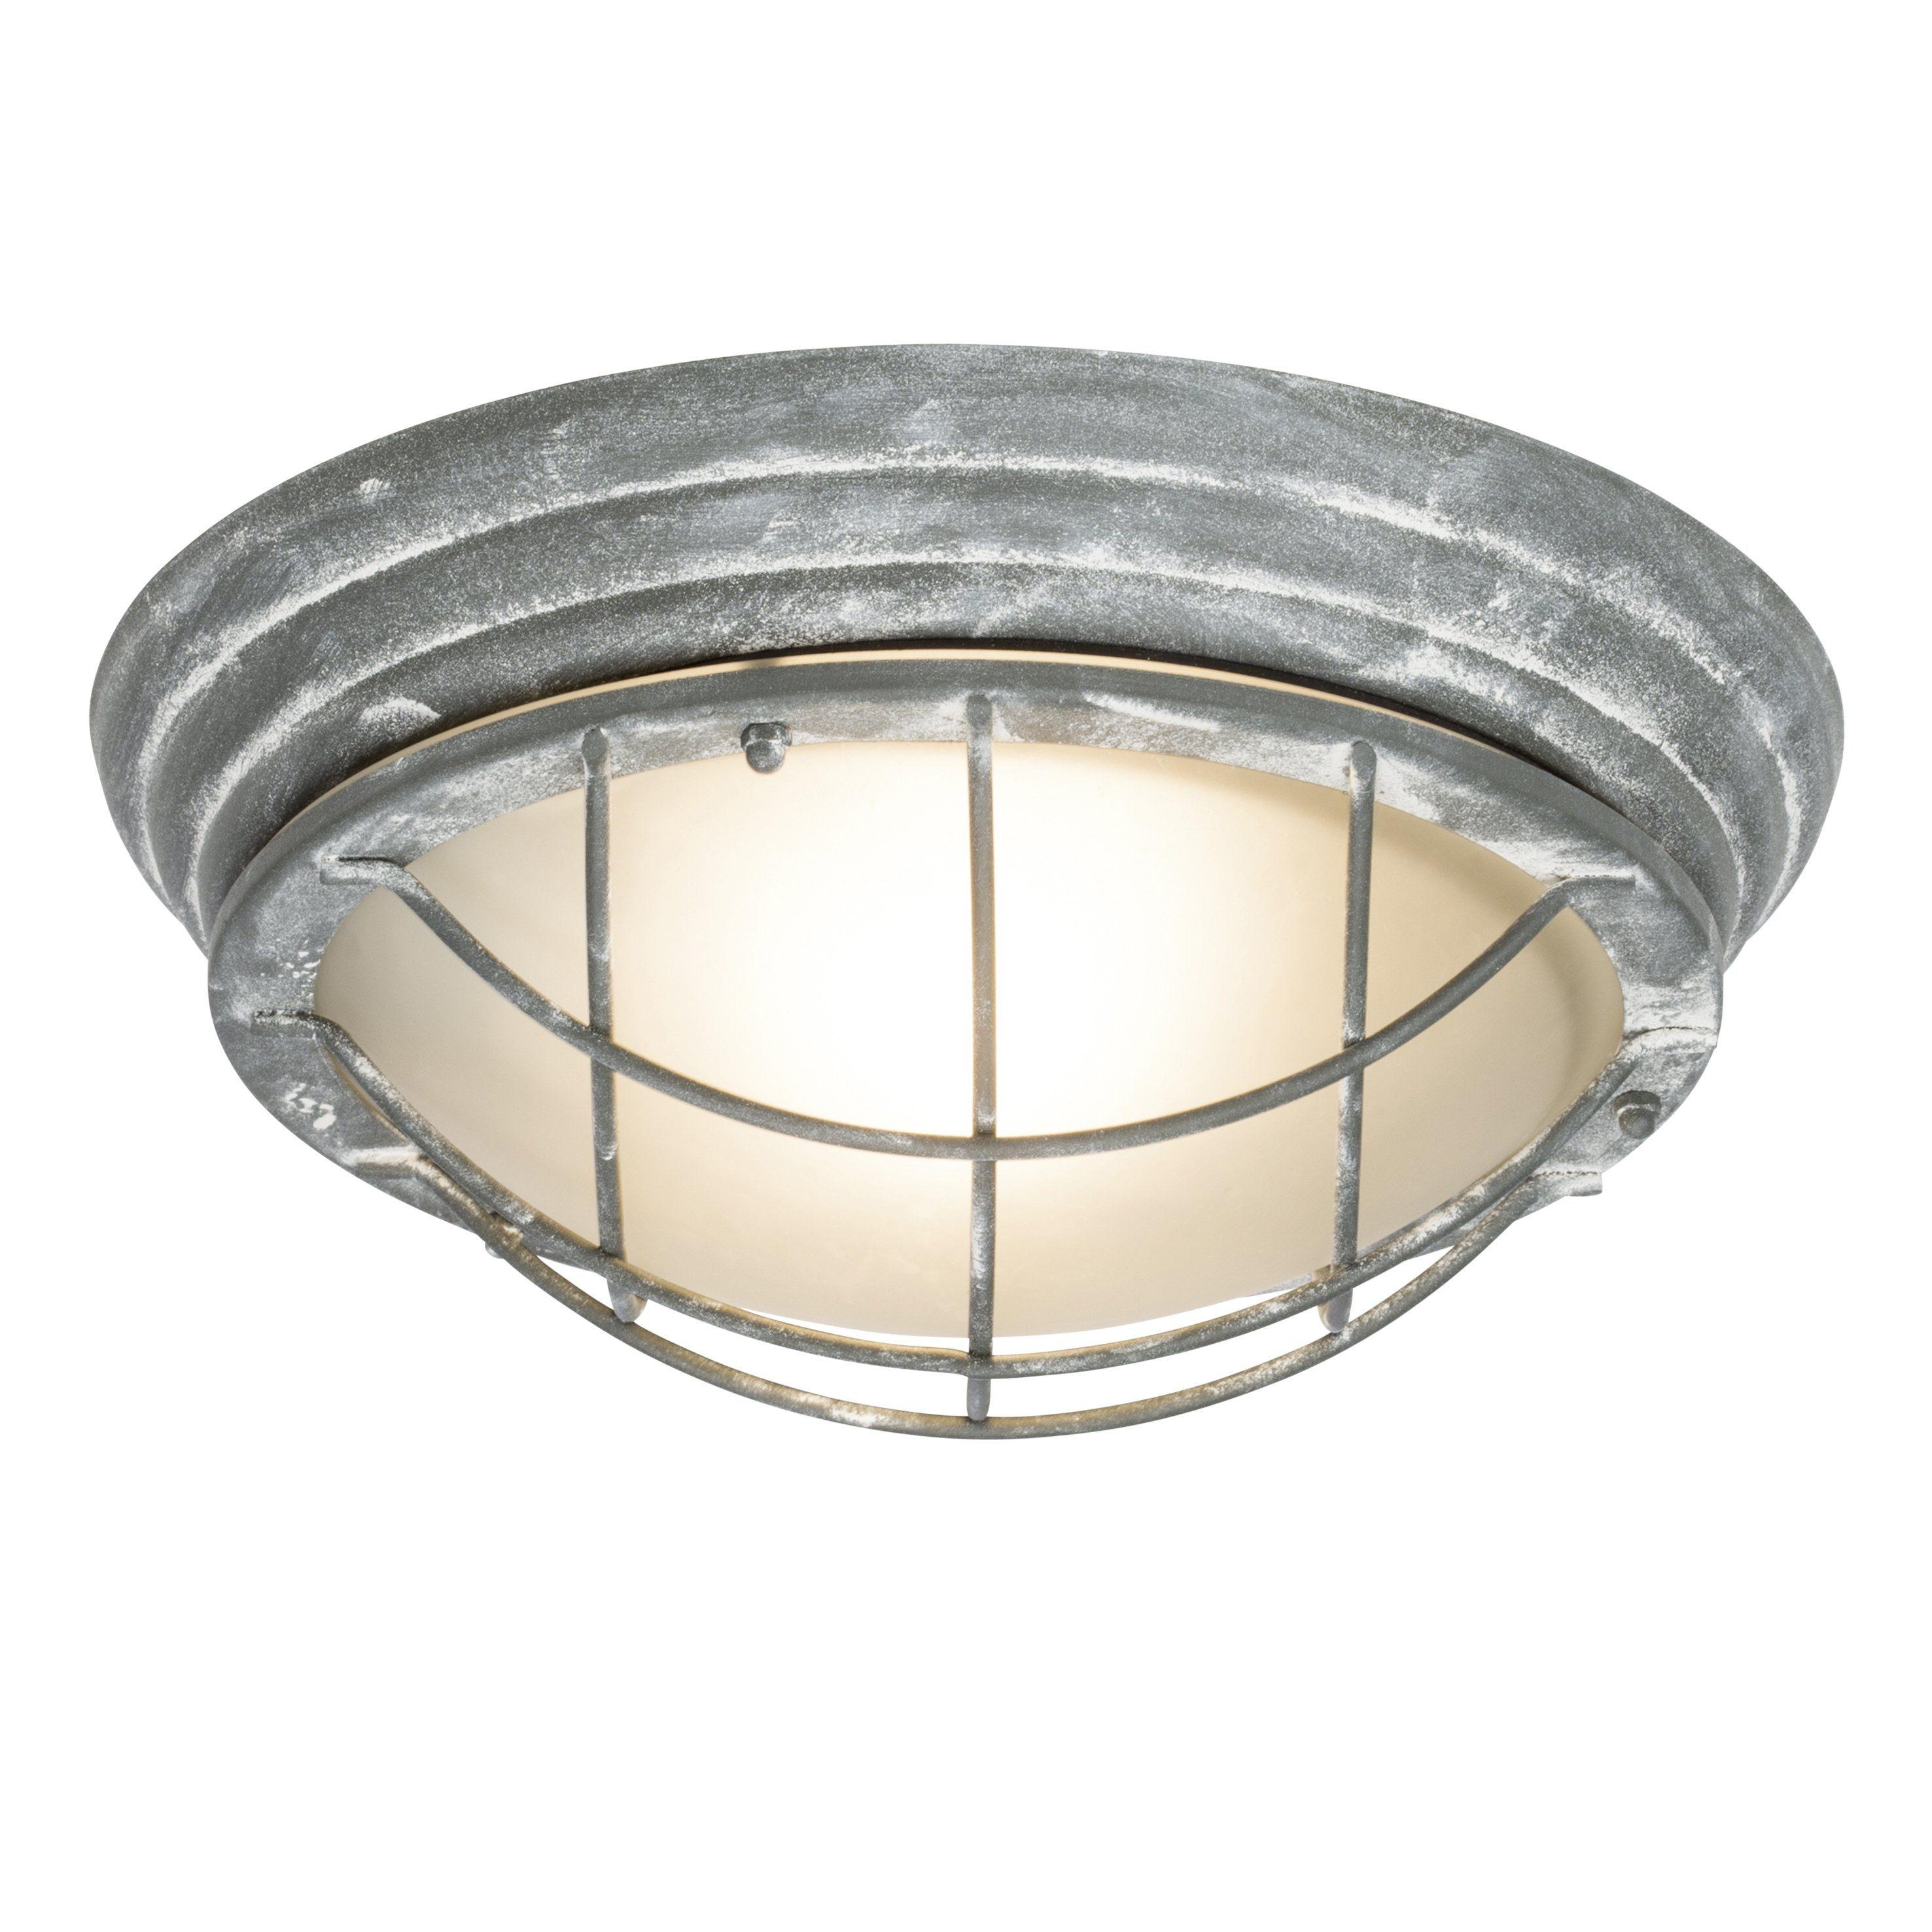 Brilliant Leuchten Olena Außenwandleuchte grau Beton IP44